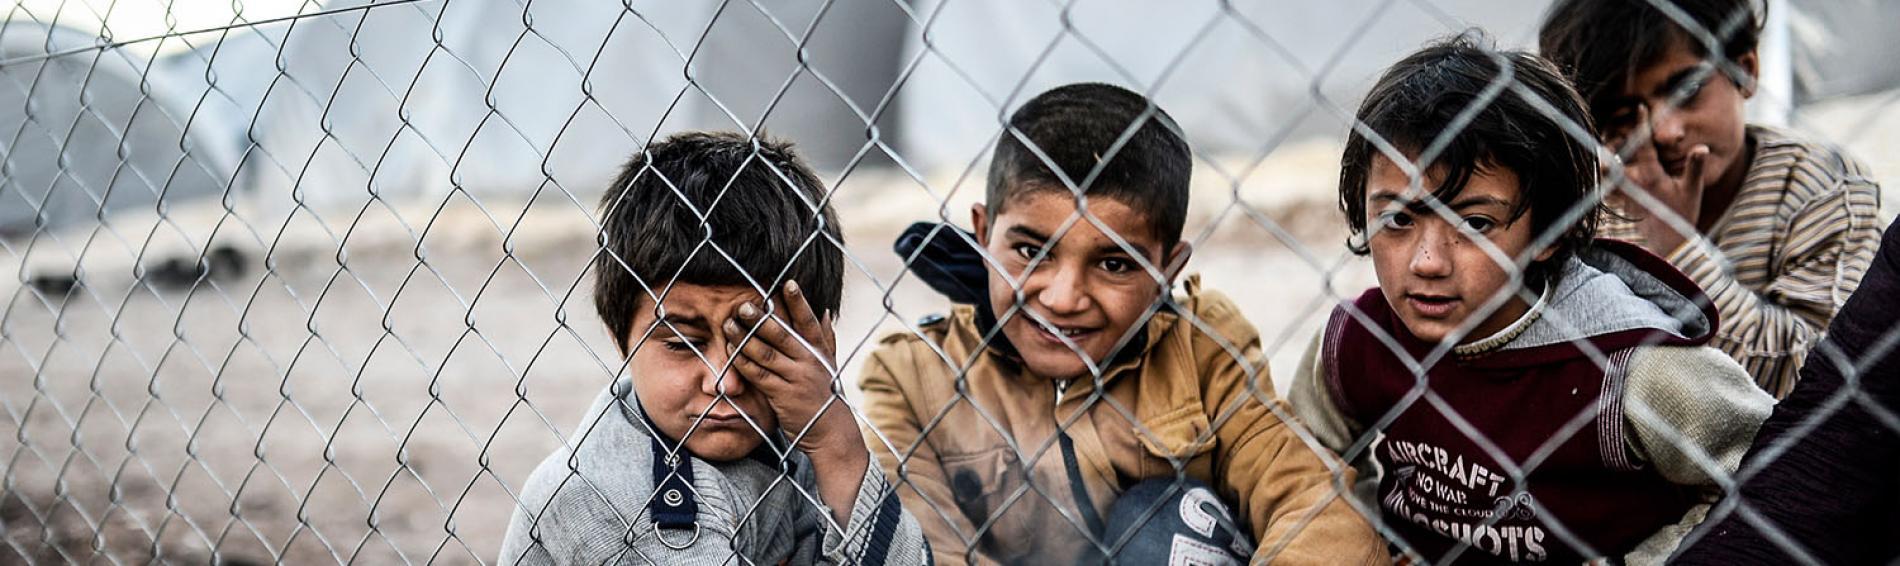 Kurdische Kinder kochen sich einen Tee am offenen Feuer in einem irakischen Flüchtlingscamp. Foto: Bulent Kilic